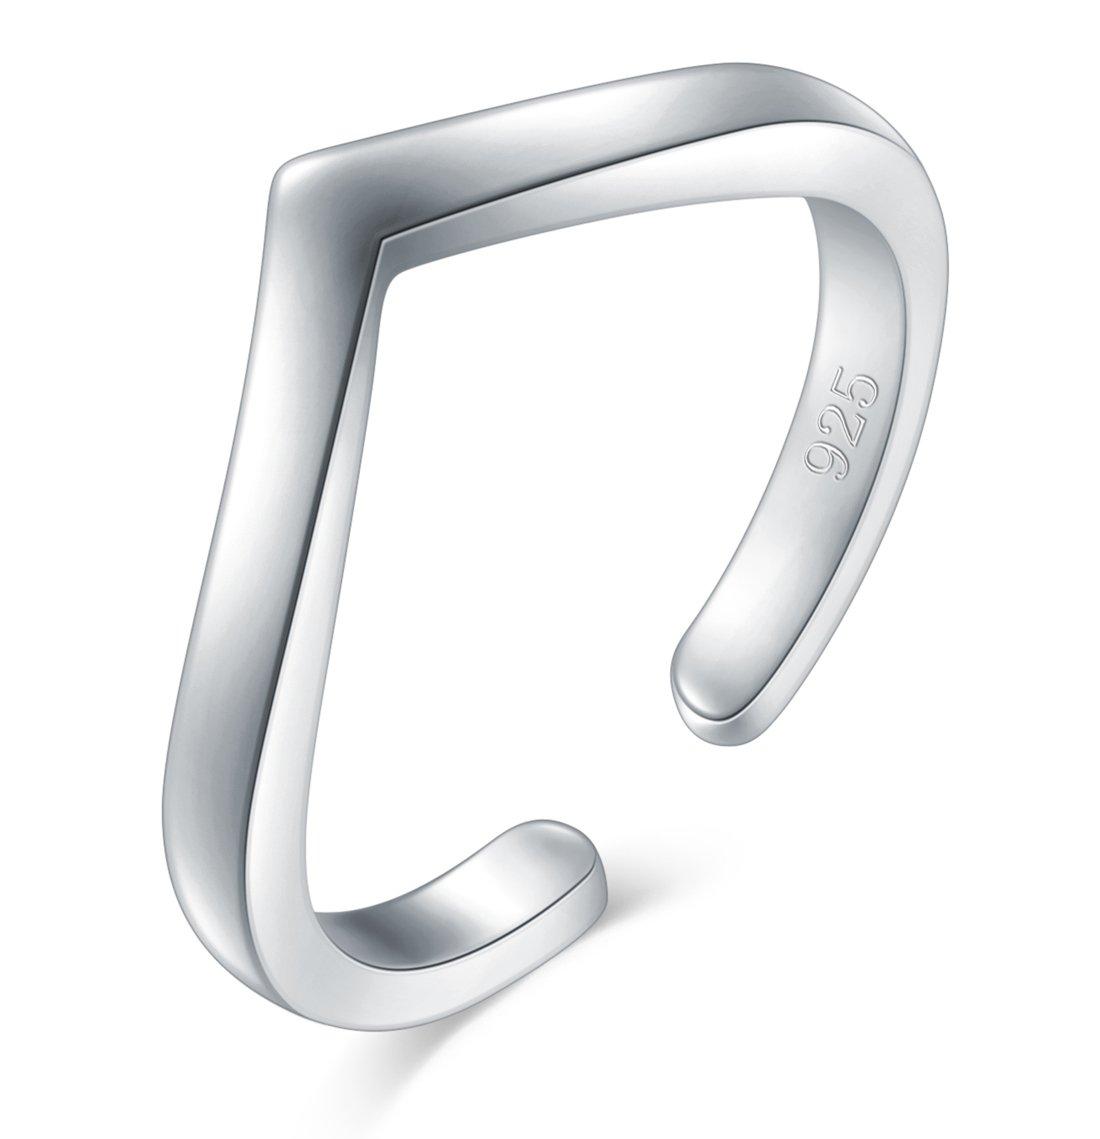 925 Sterling Silver Toe Ring BoRuo Wave Hawaiian Adjustable Band Ring